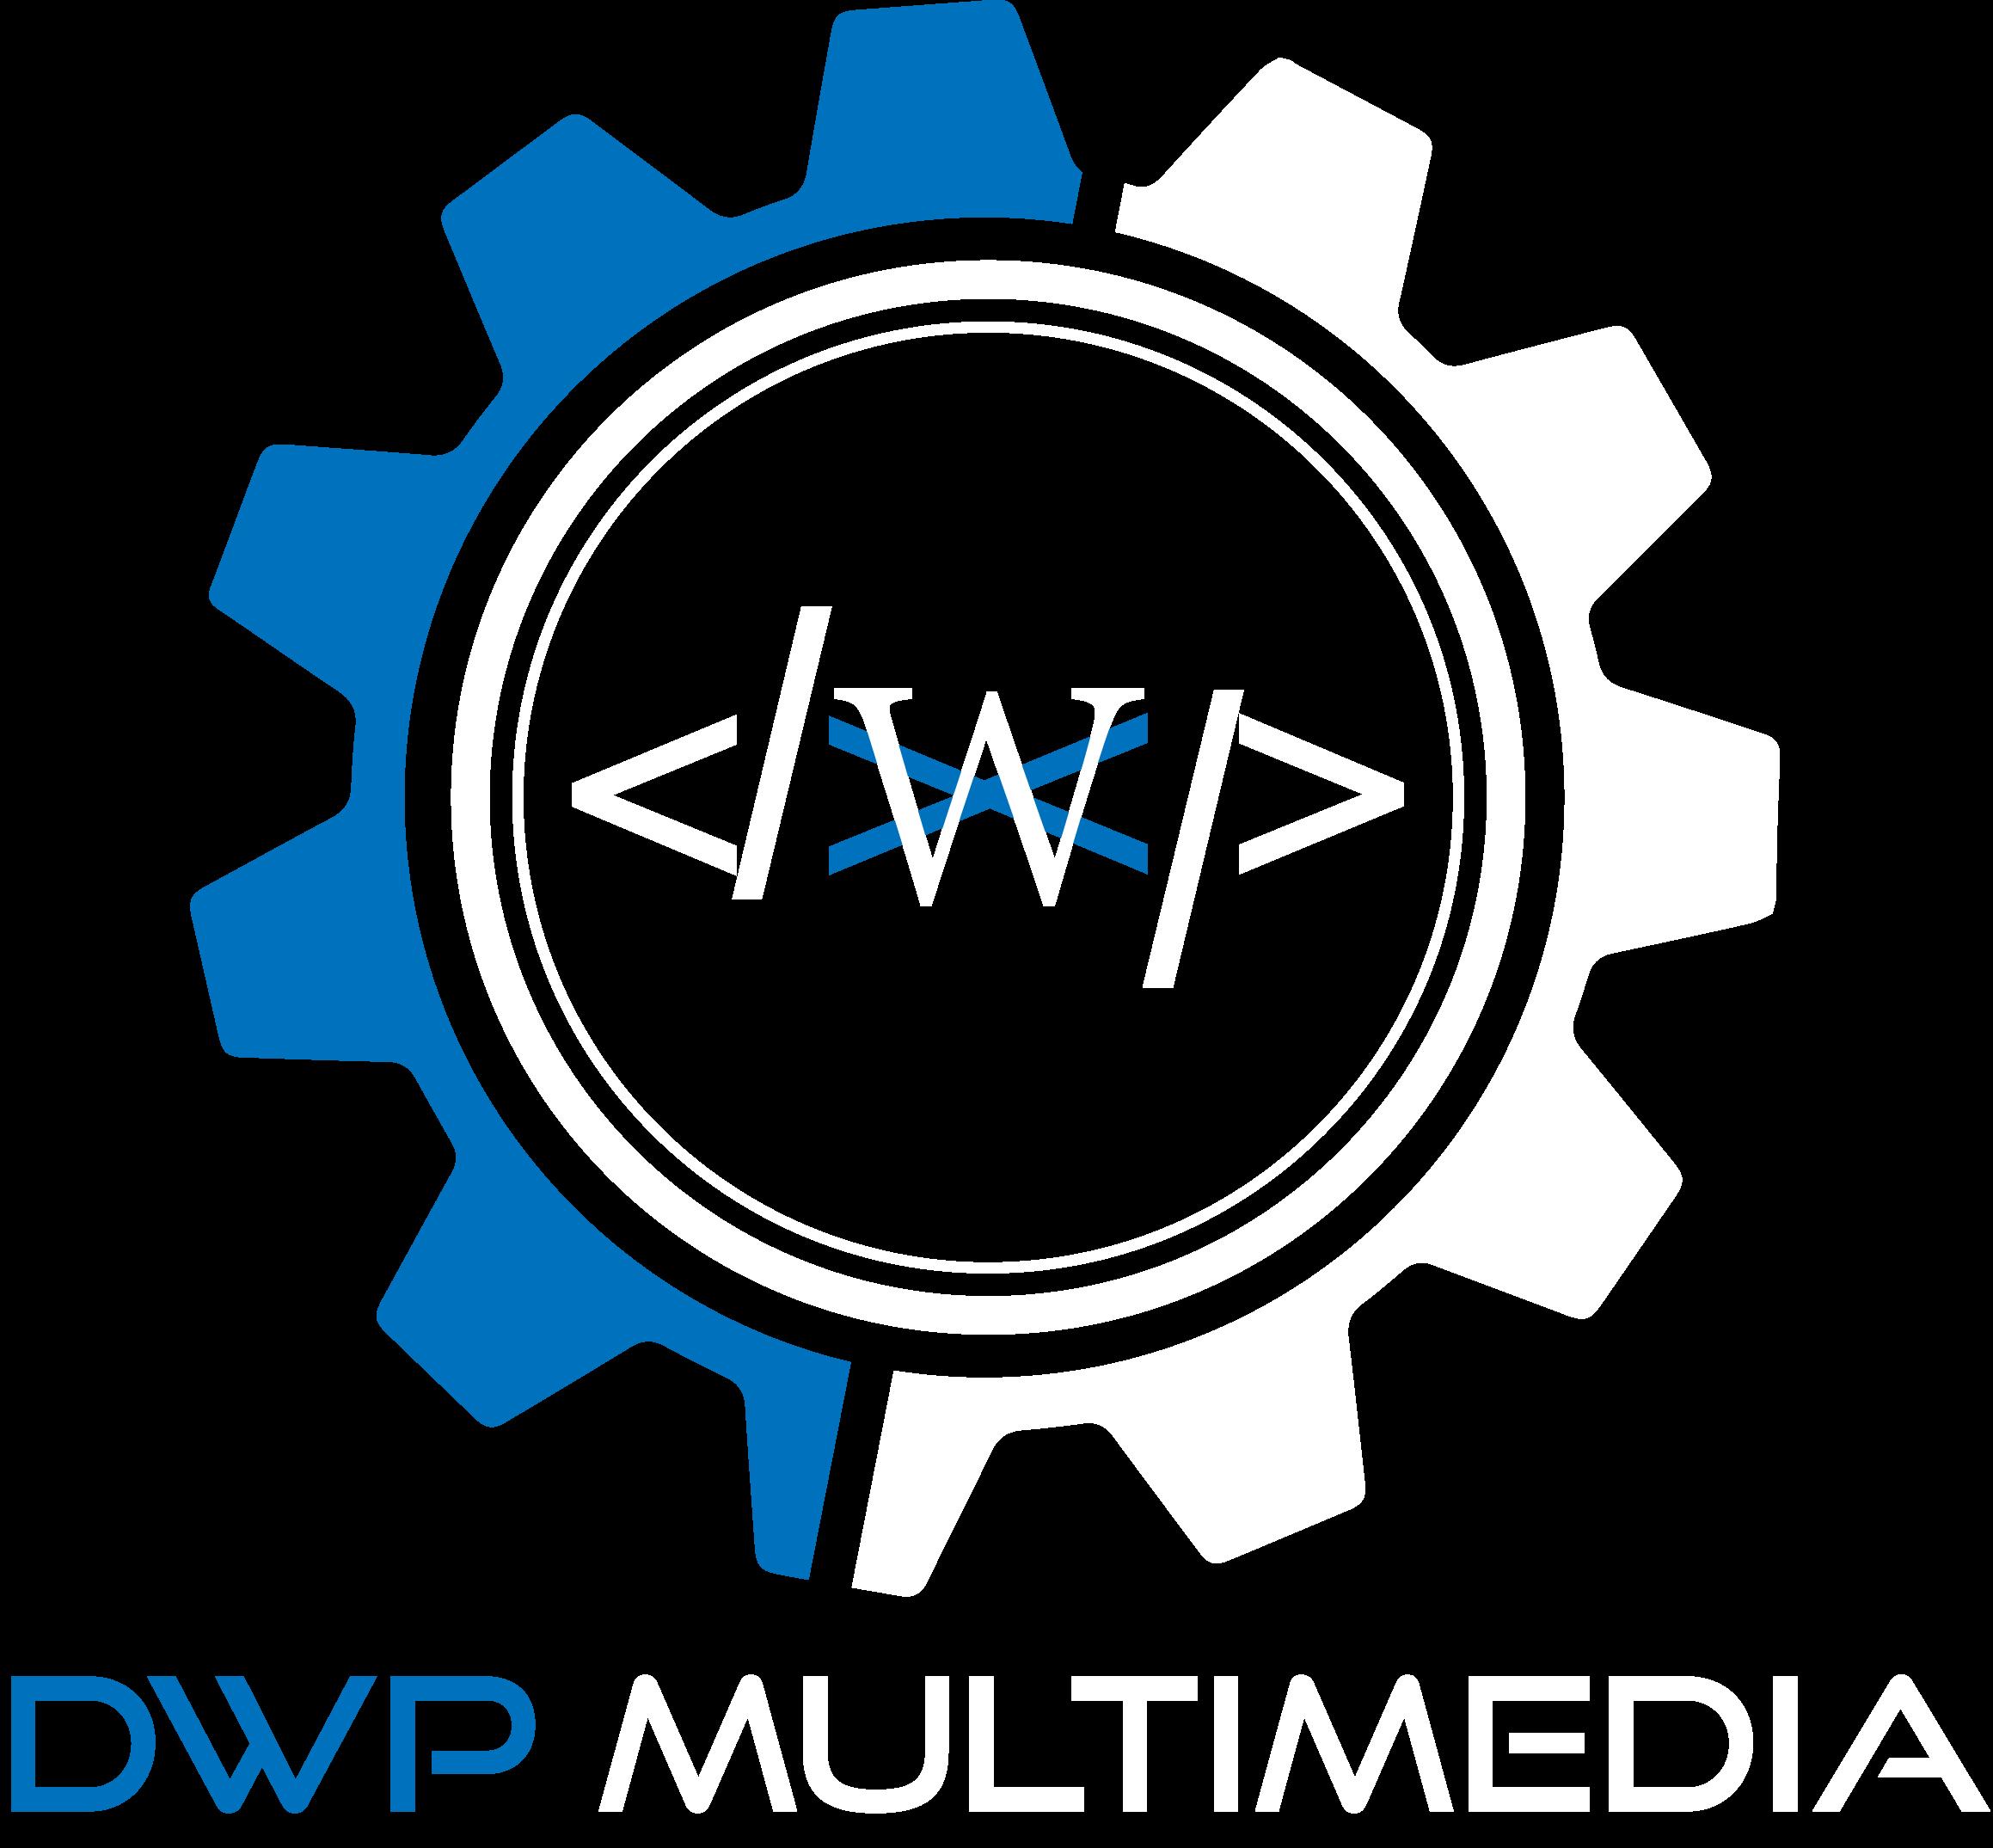 Detroit Web Design